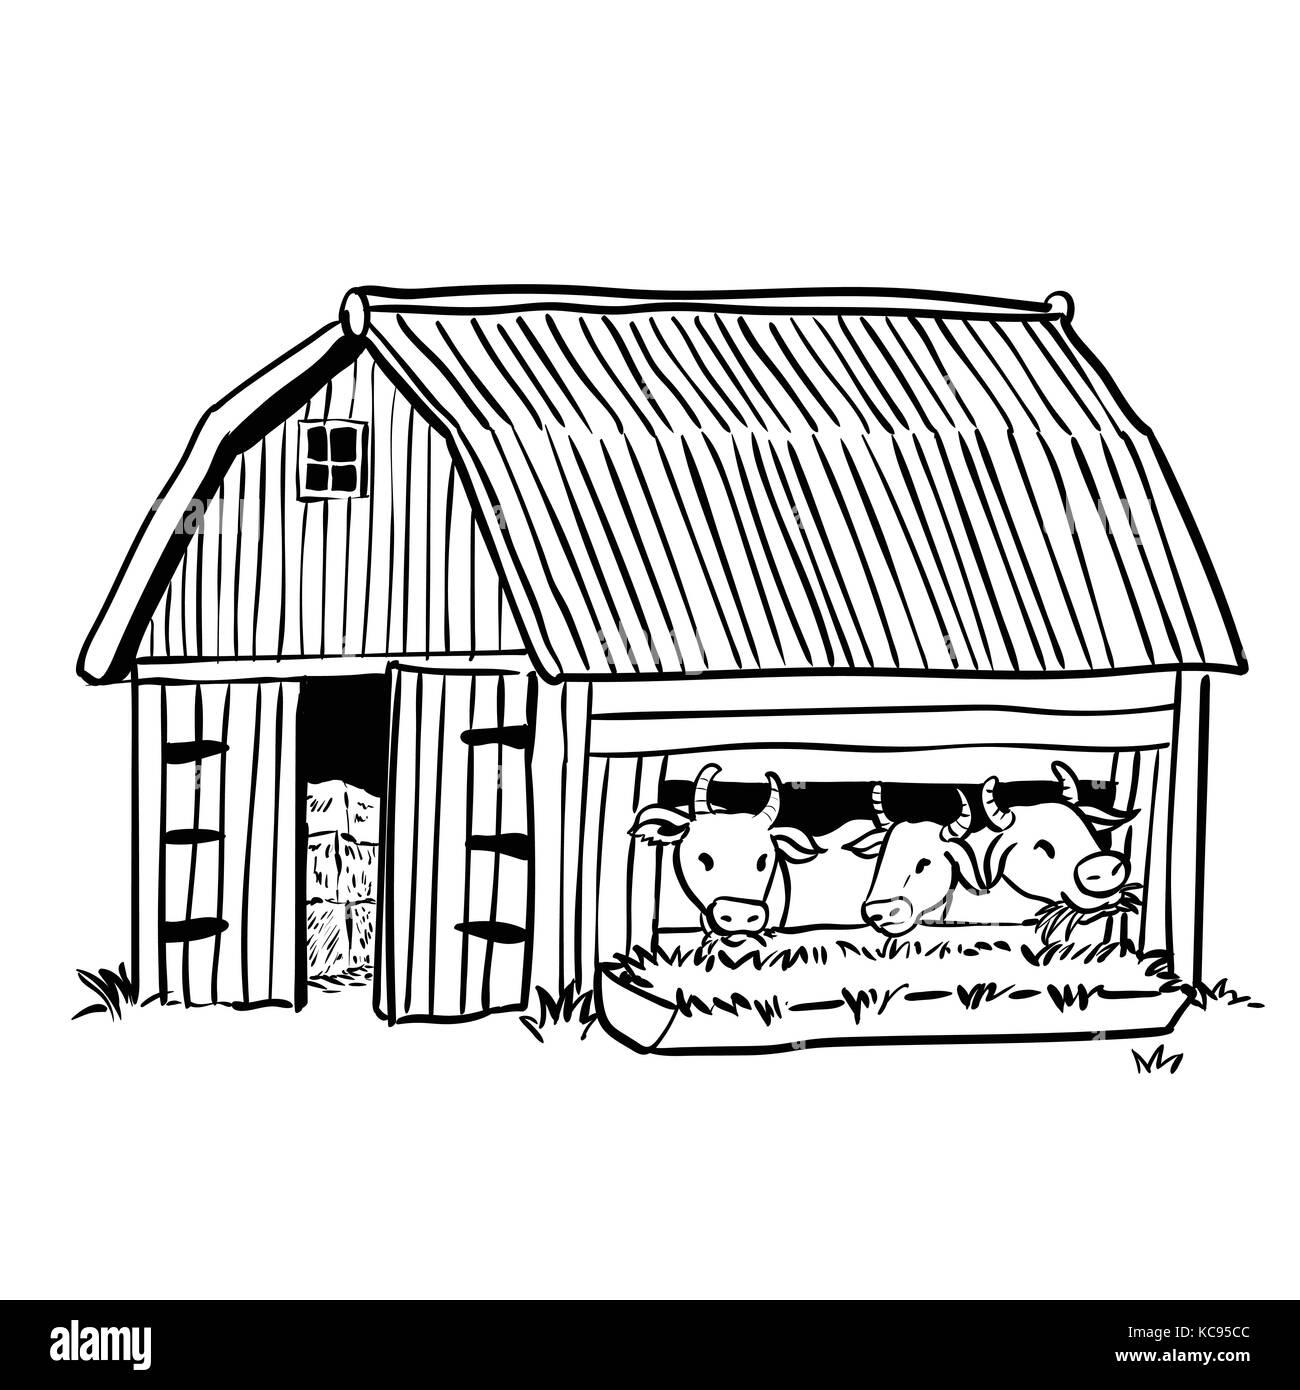 Dibujo A Mano Alzada Establo Con Tres Vacas Lecheras